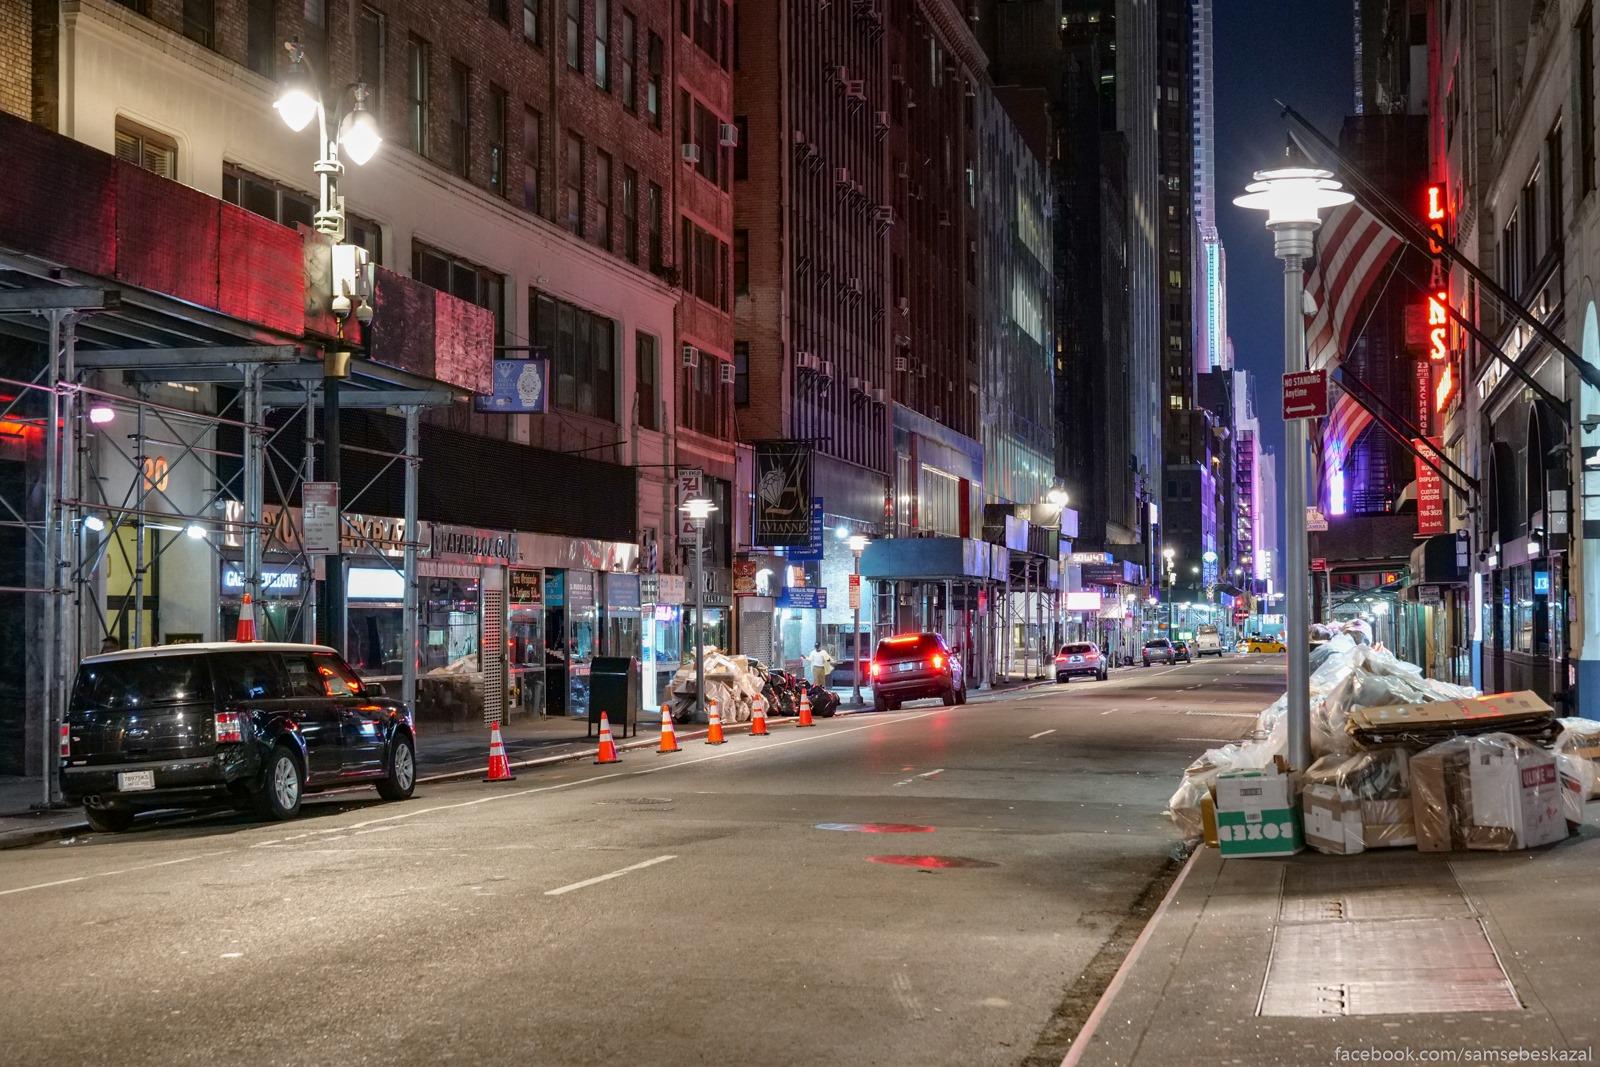 Dajmond-distrikt v noci.